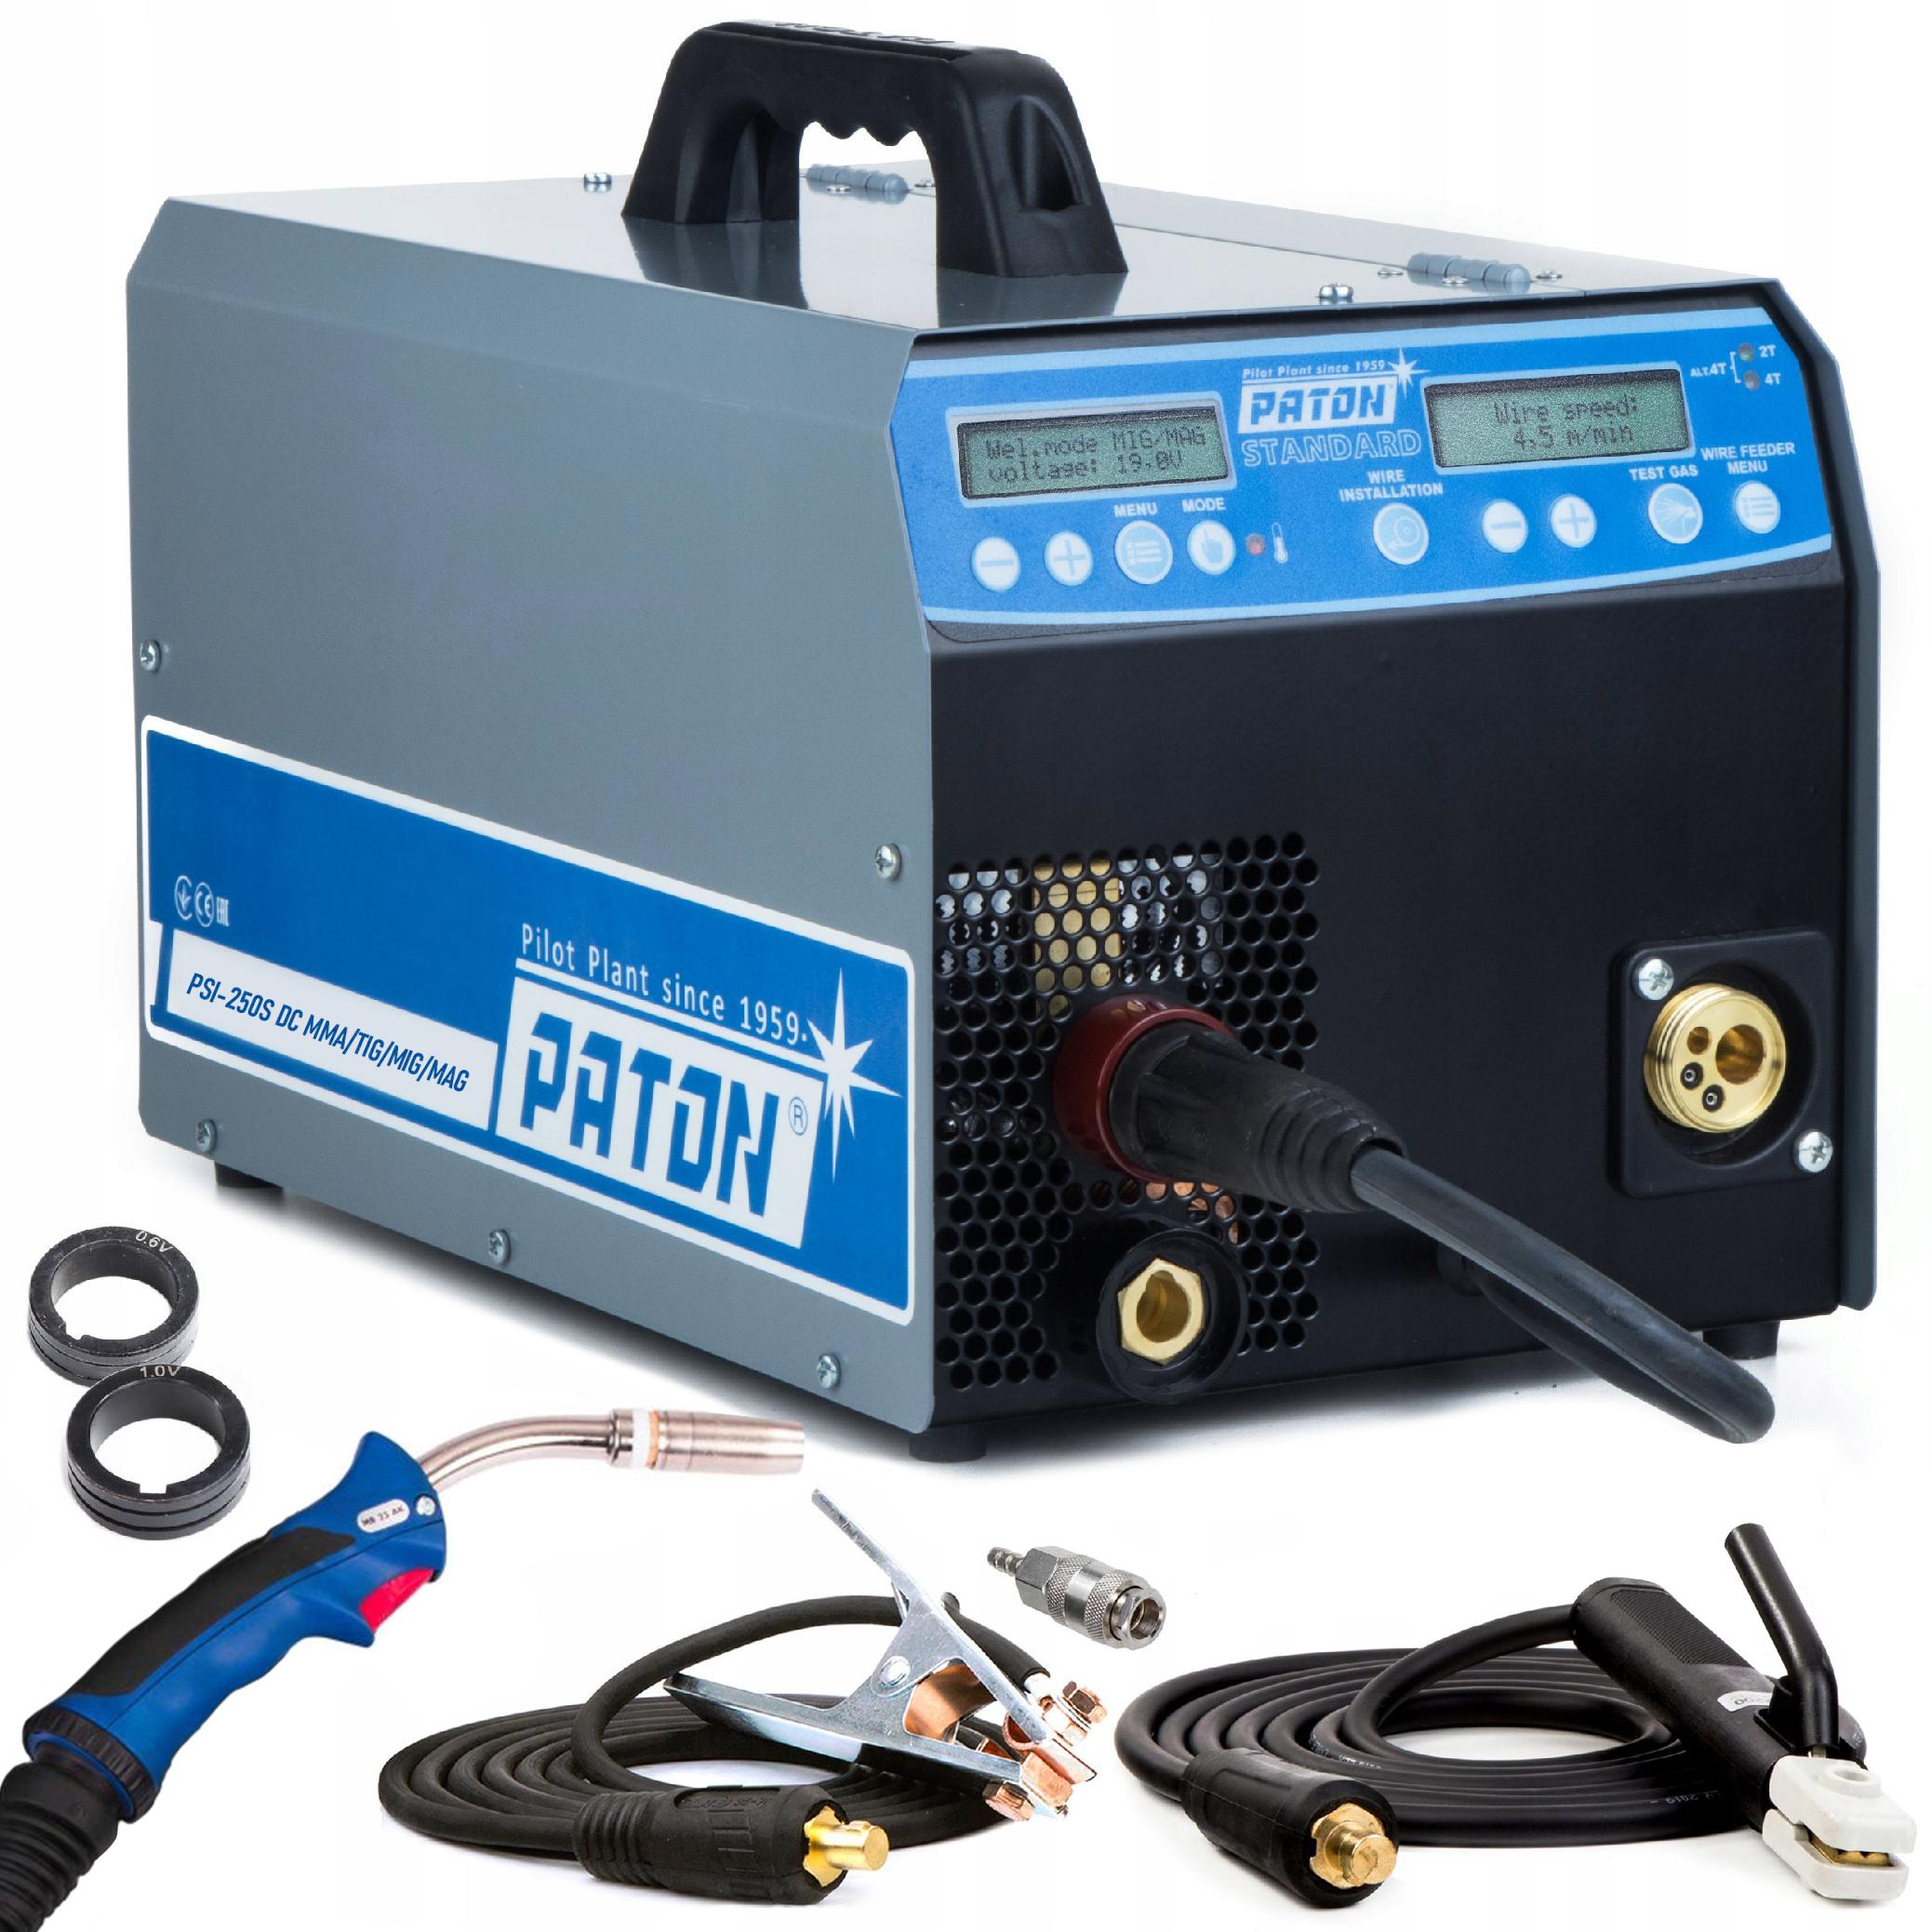 Svářečka PSI 250 STANDARD 230 V MIG/MAG MMA/TIG PULSE | PATON™